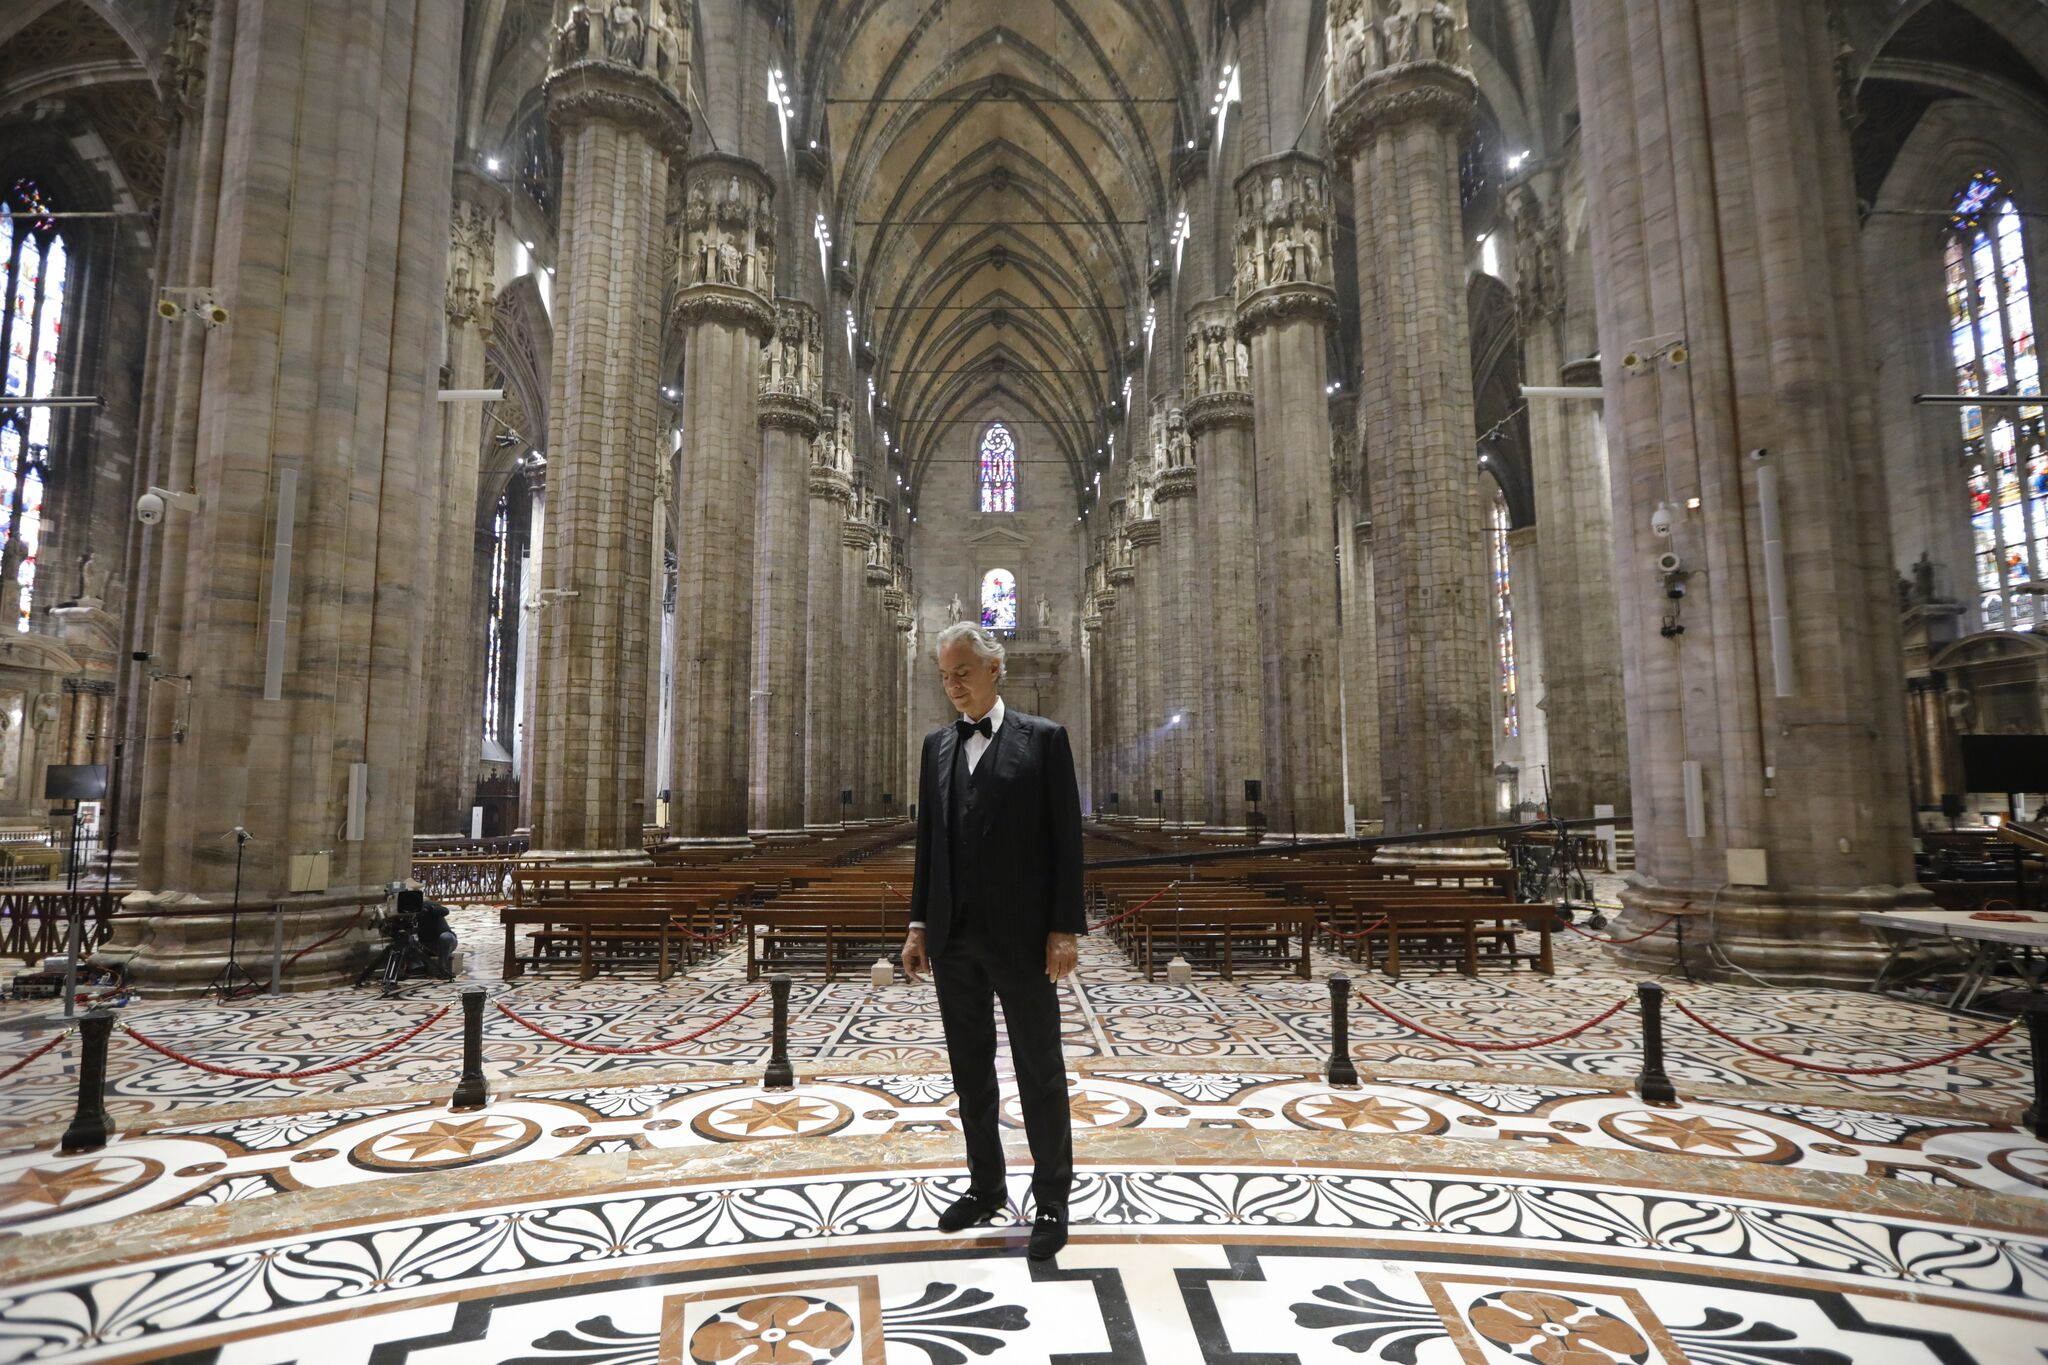 Ο Andrea Bocelli τραγούδησε στο άδειο Duomo του Μιλάνου